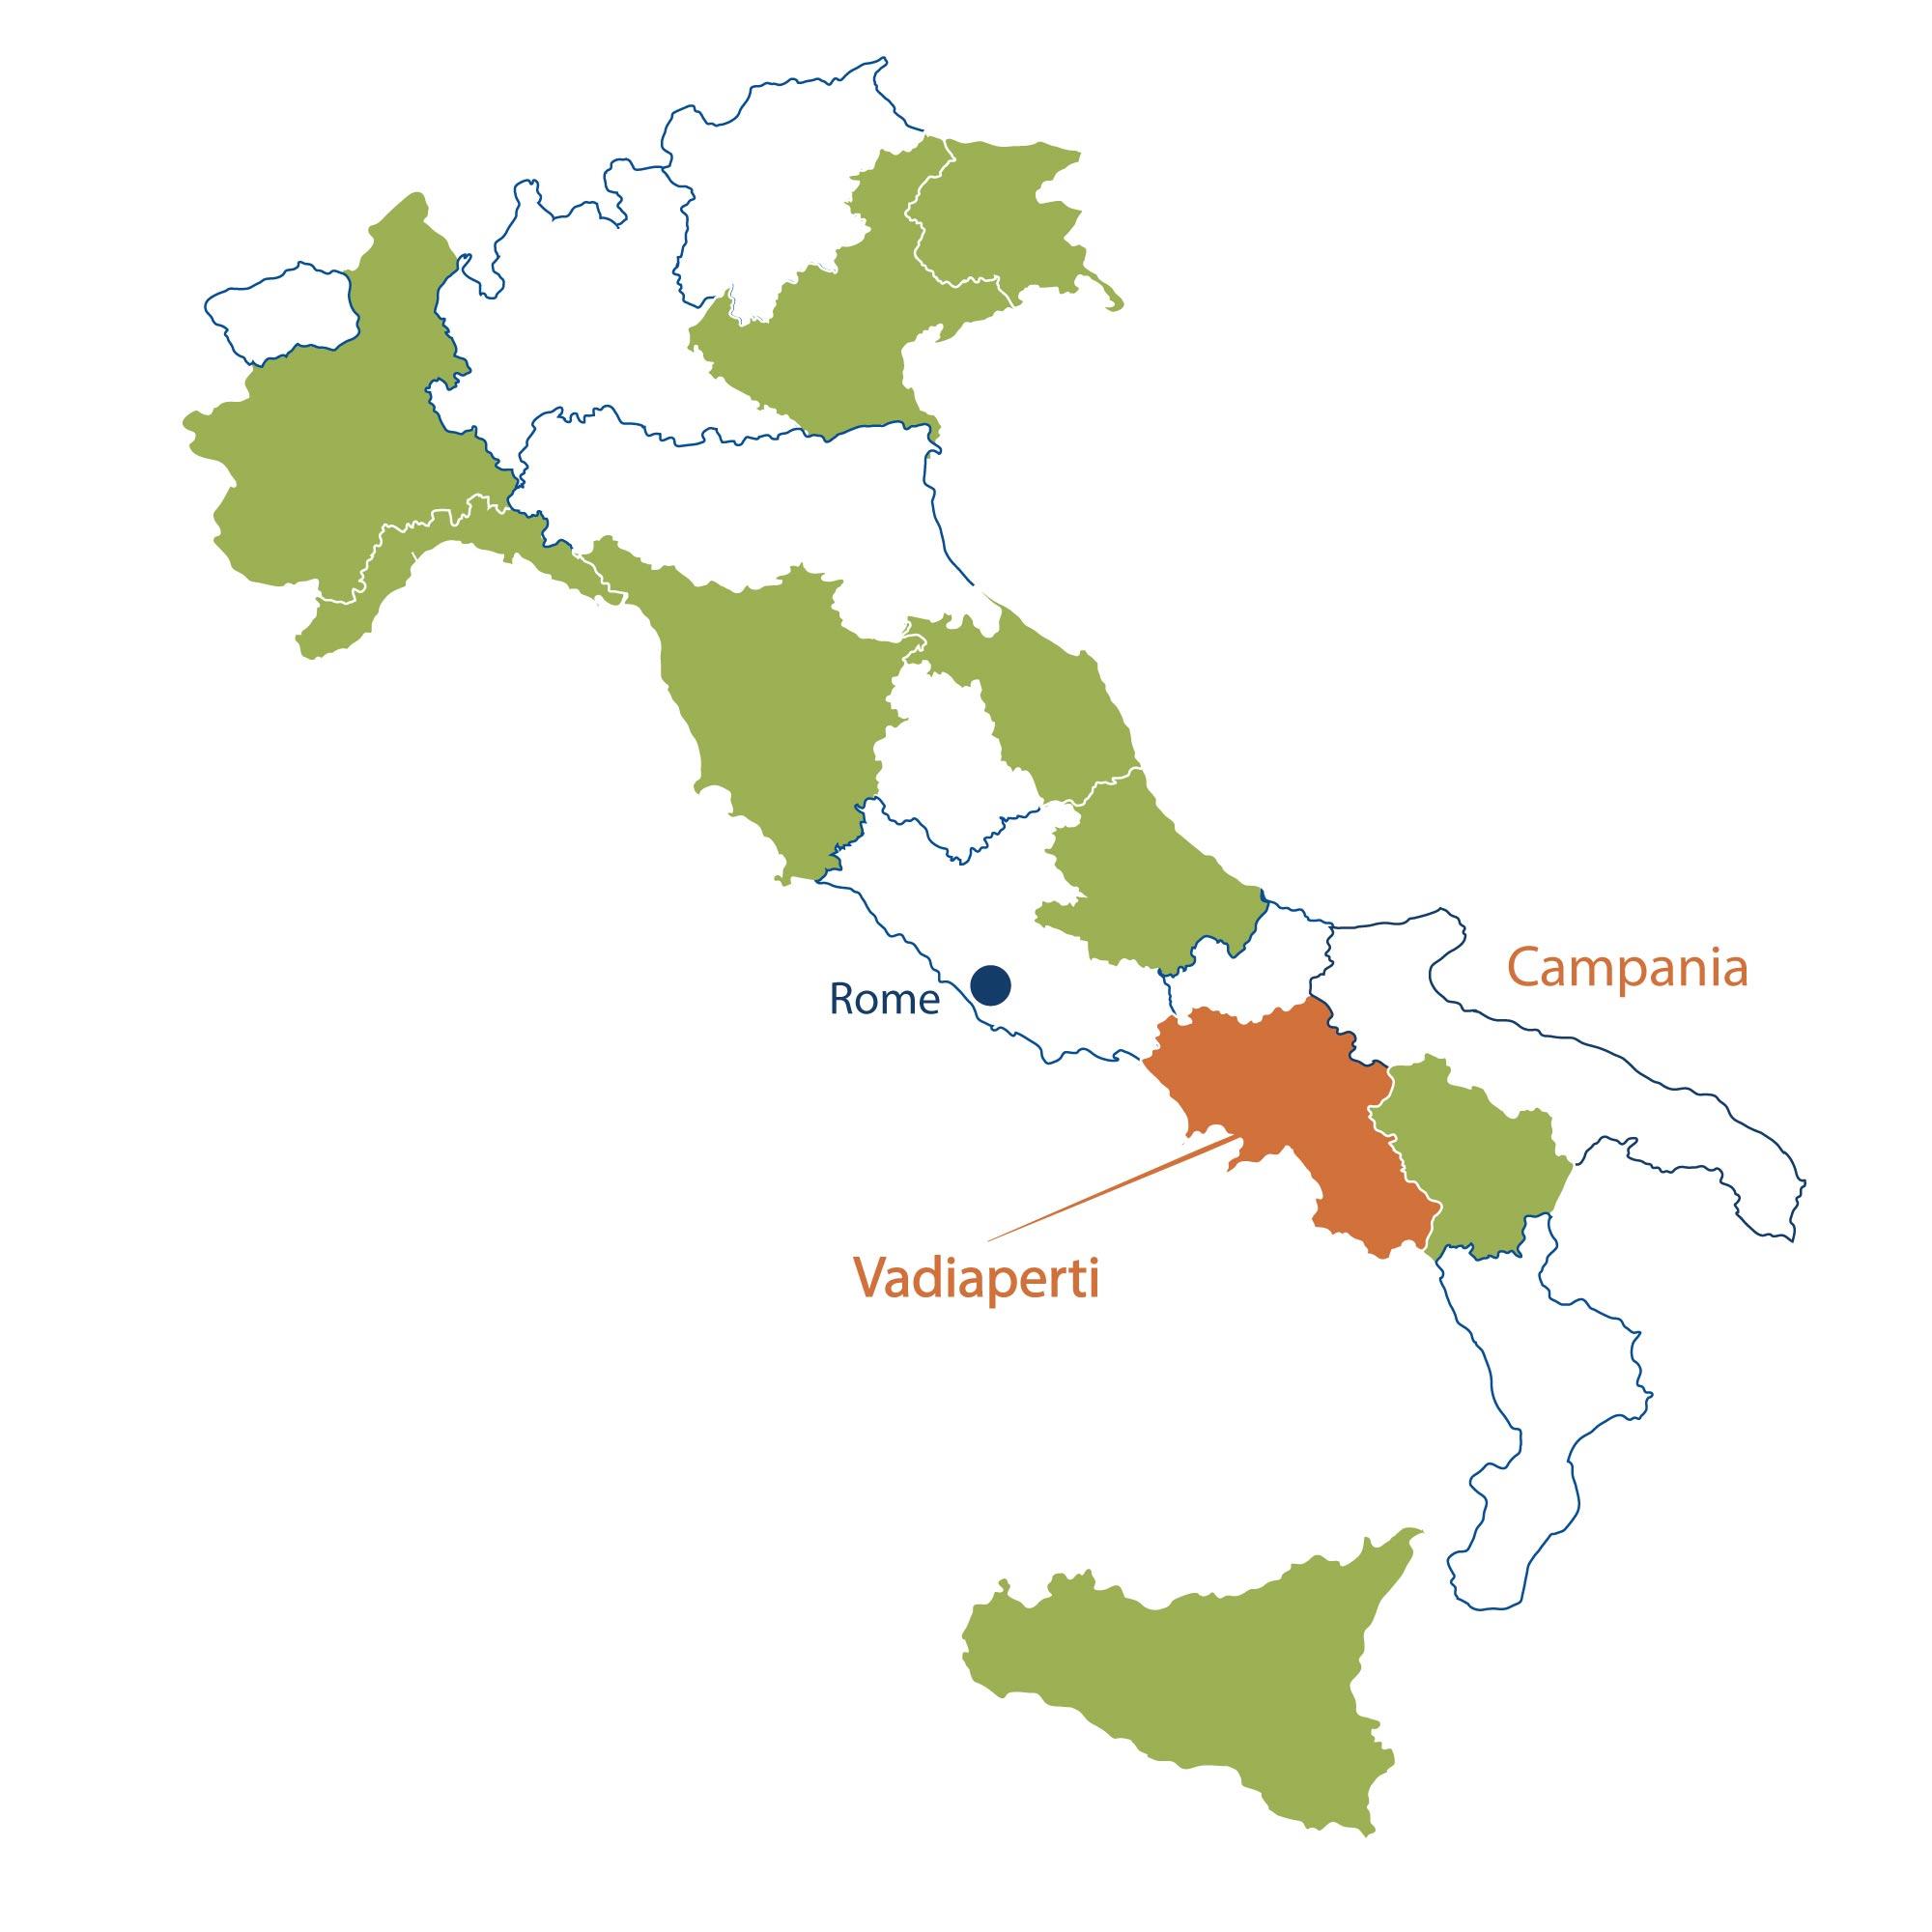 Azienda Agricola Vadiaperti Campania North Berkeley Imports